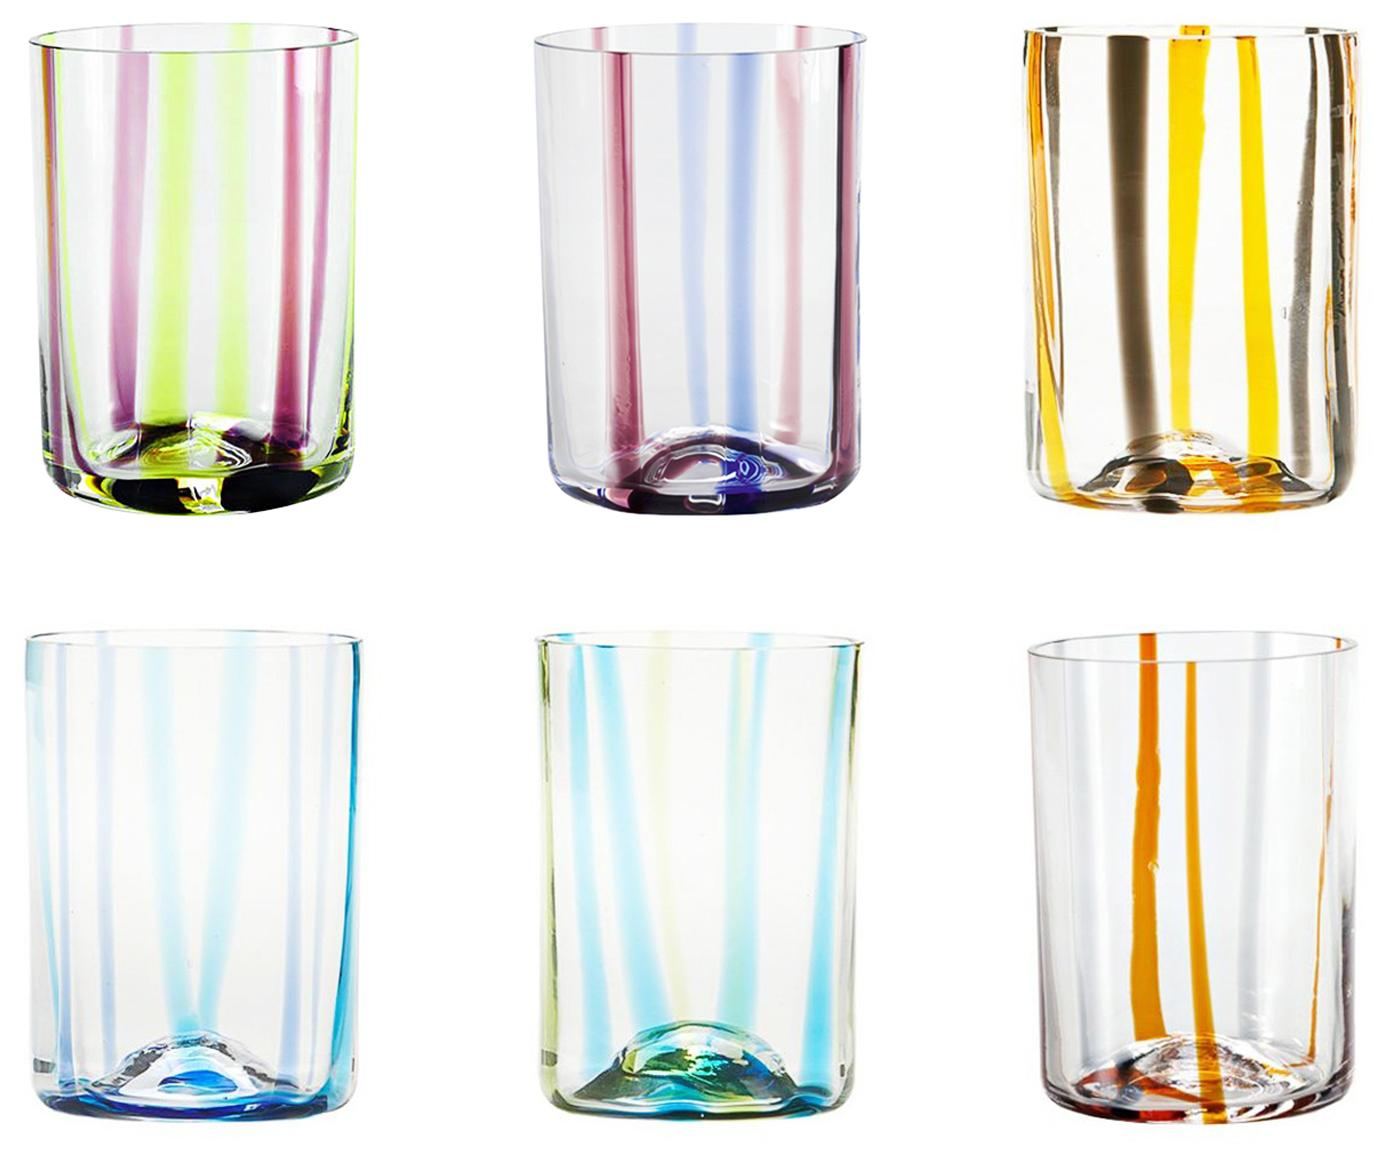 Mondgeblazen waterglazenset Tirache met kleurrijke strepen, 6-delig, Glas, Multicolour, Ø 7 x H 10 cm